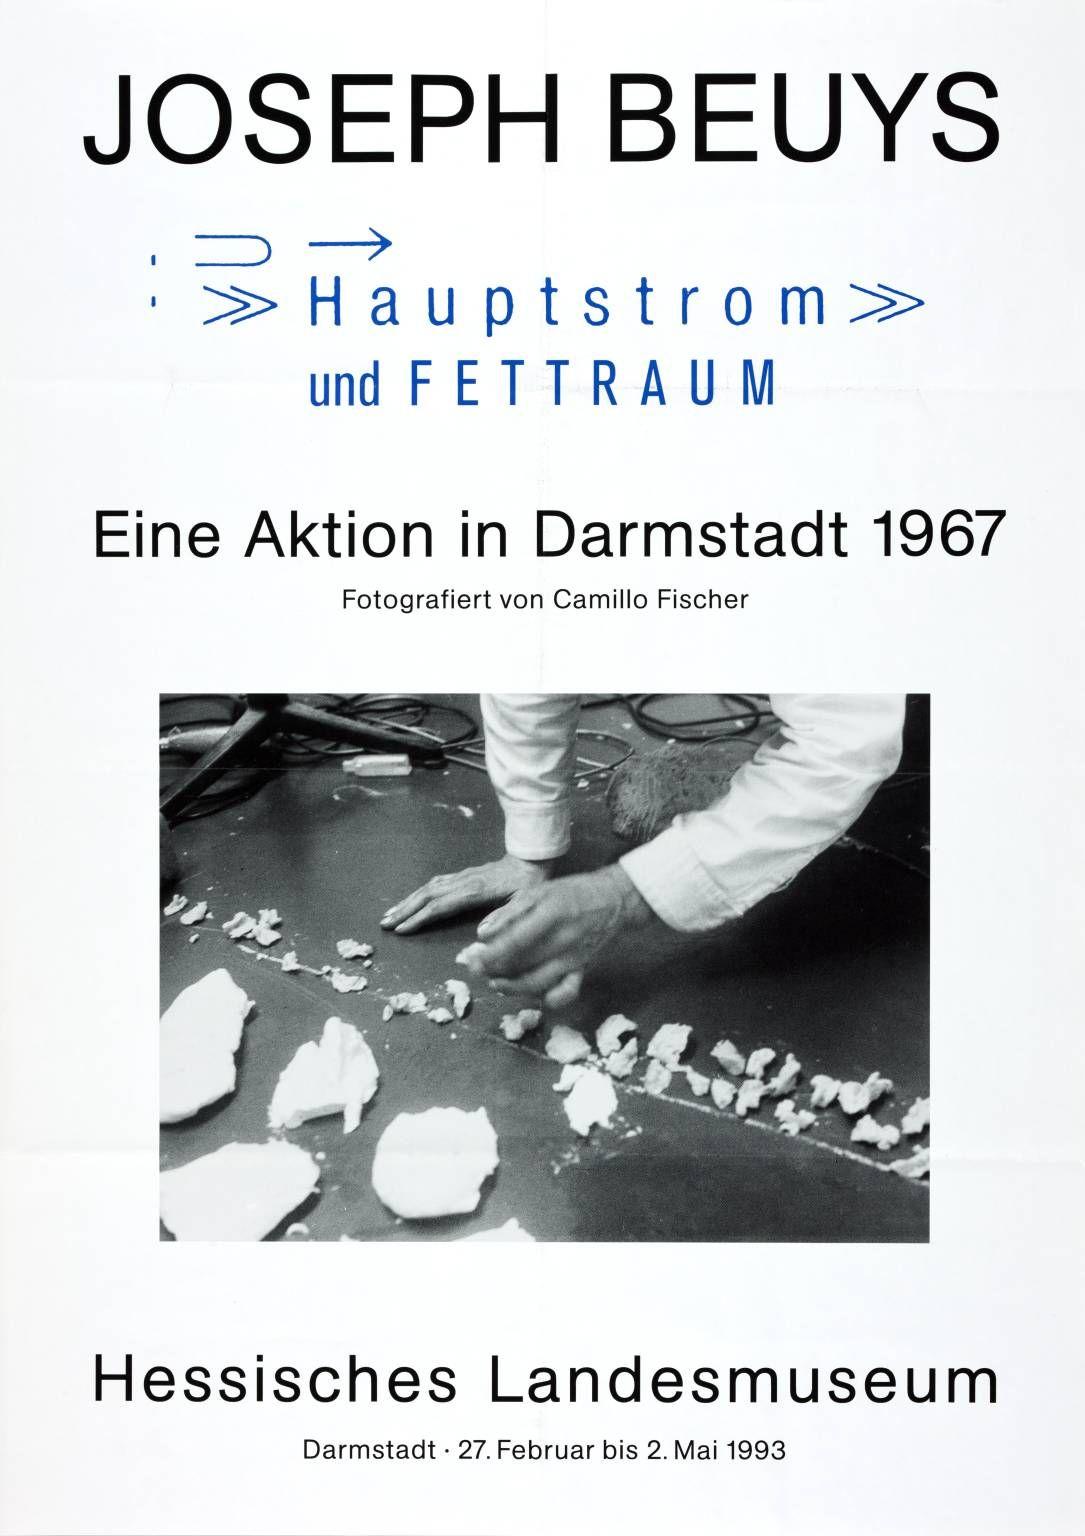 'Joseph Beuys. Eine Aktion in Darmstadt 1967. Hessisches Landesmusuem', Joseph Beuys | Tate